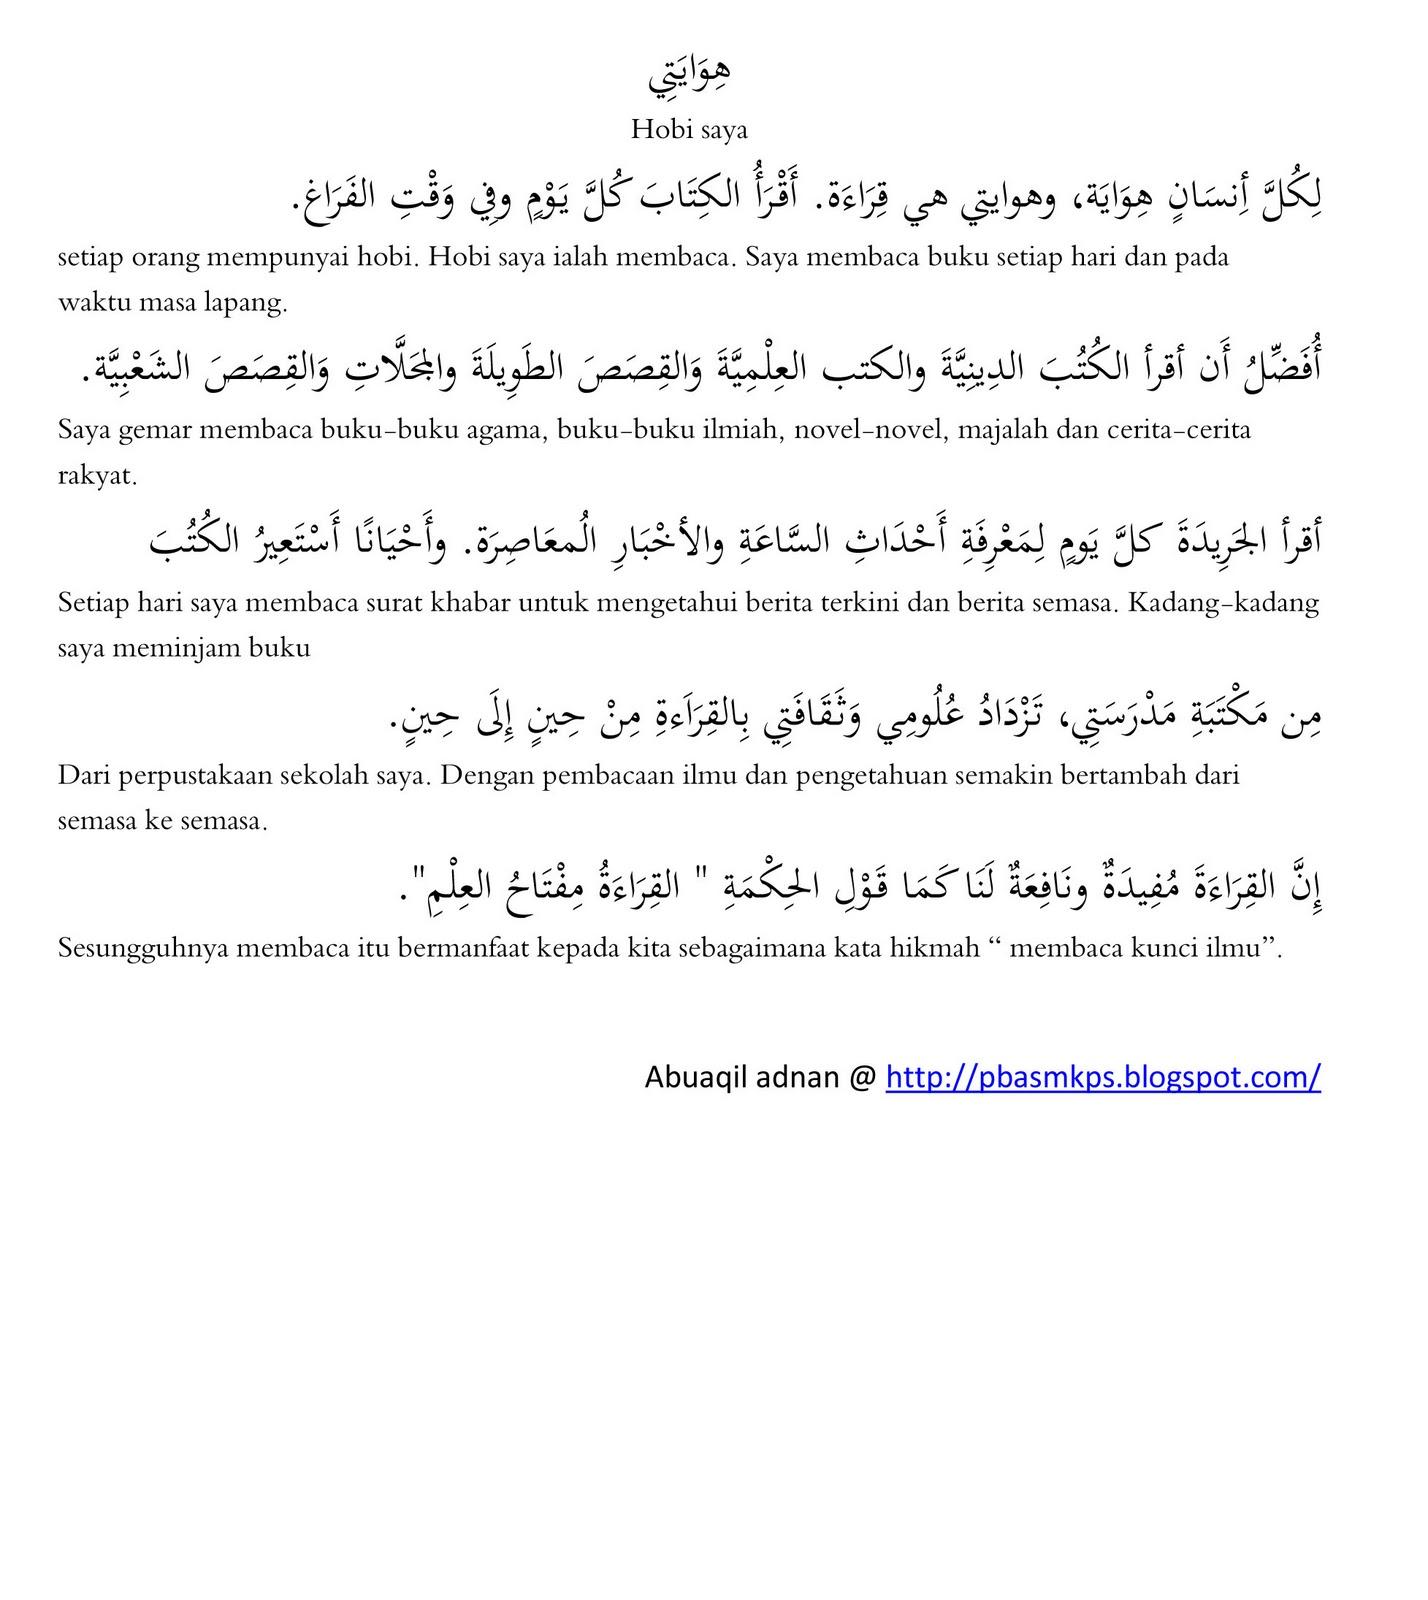 Contoh Syarahan Bahasa Arab Topik 3 Kaedah Dan Teknik Pengajaran Bahasa Arab Sila Klik Kiri Pada Imej Di Bawah Untuk Lebih Jelas Dan Besar